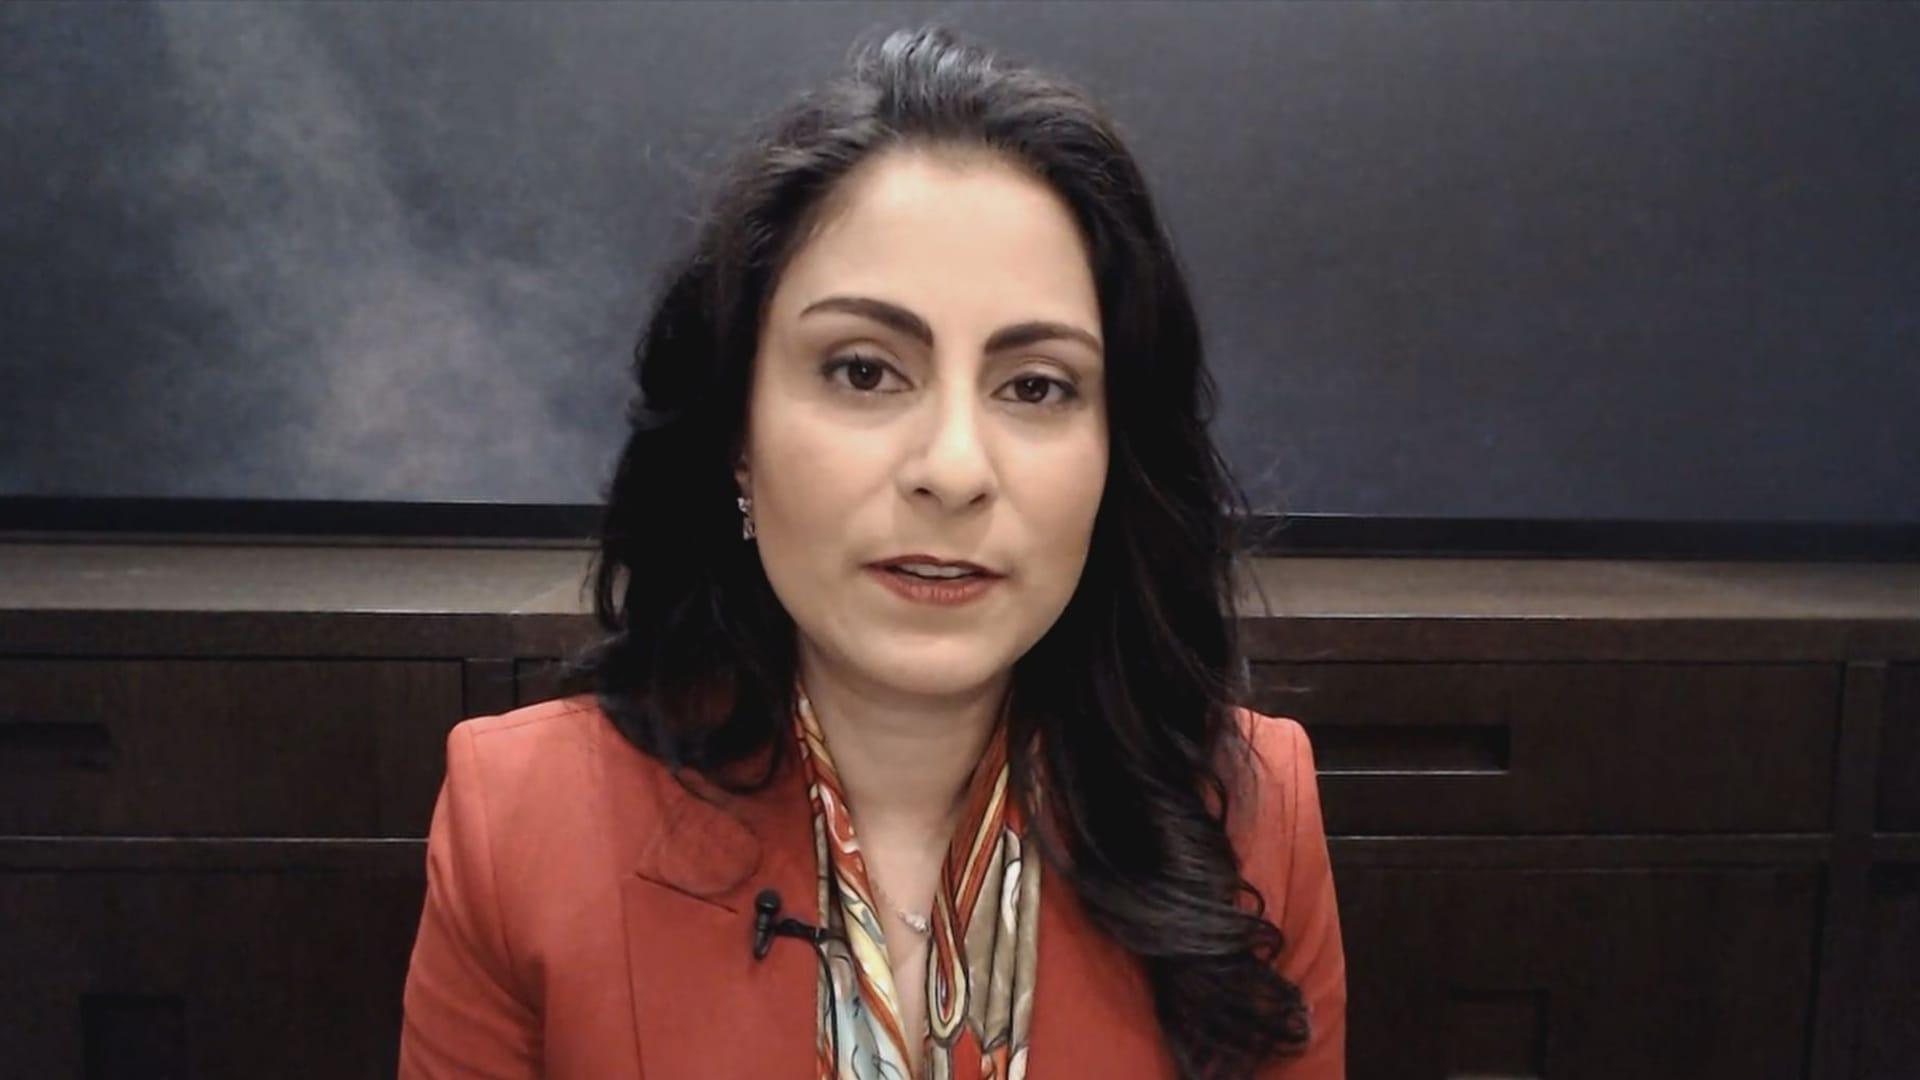 Dr. Celine Gounde